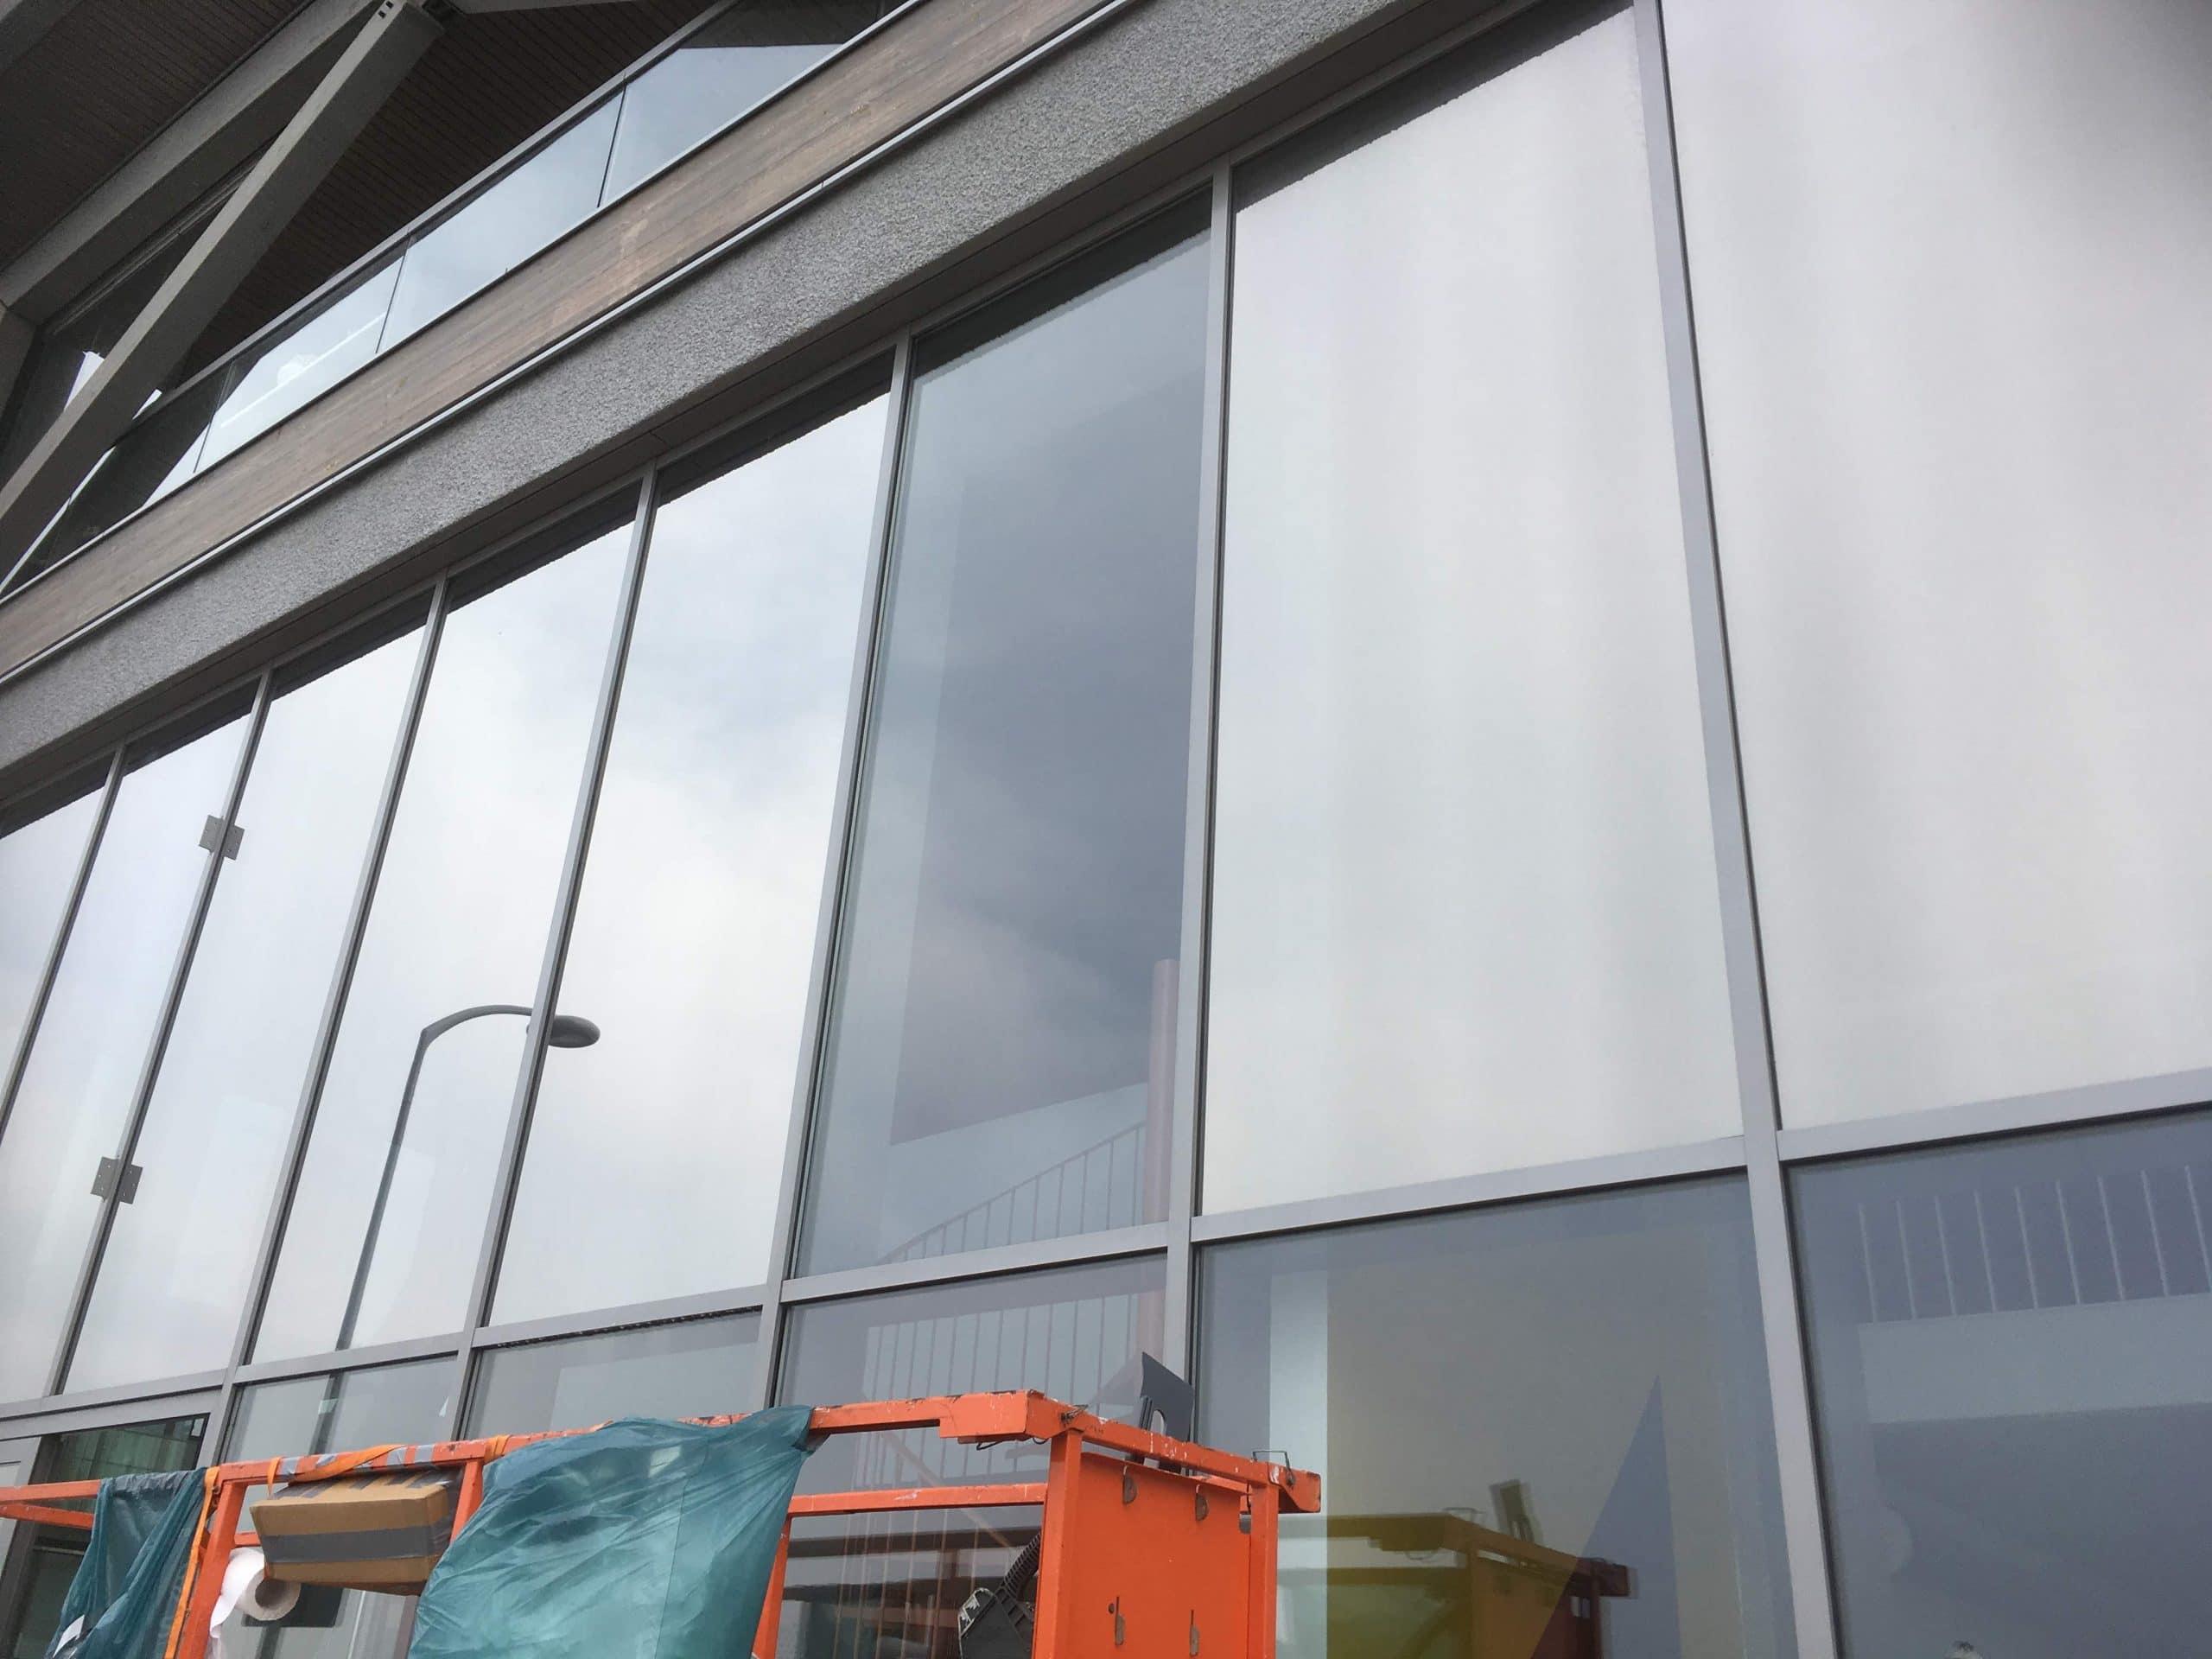 Amsterdam - Sunblock Stainless Steel 25 gemonteerd op de ramen van een bedrijfsruimte om de overmatige zonnewarmte buiten te houden en de hinderlijke schittering te verminderen